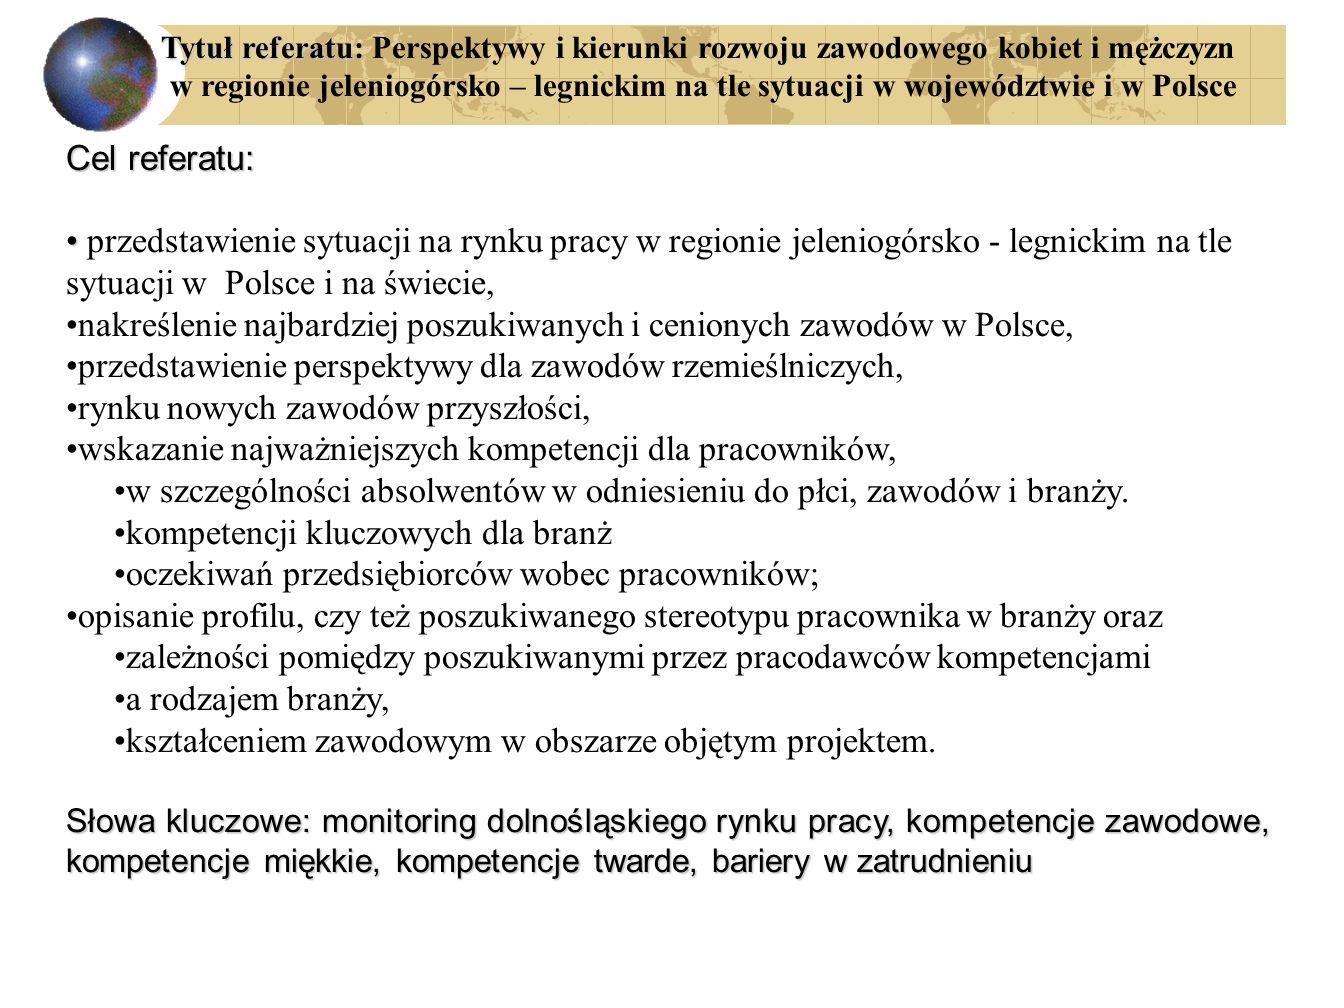 nakreślenie najbardziej poszukiwanych i cenionych zawodów w Polsce,